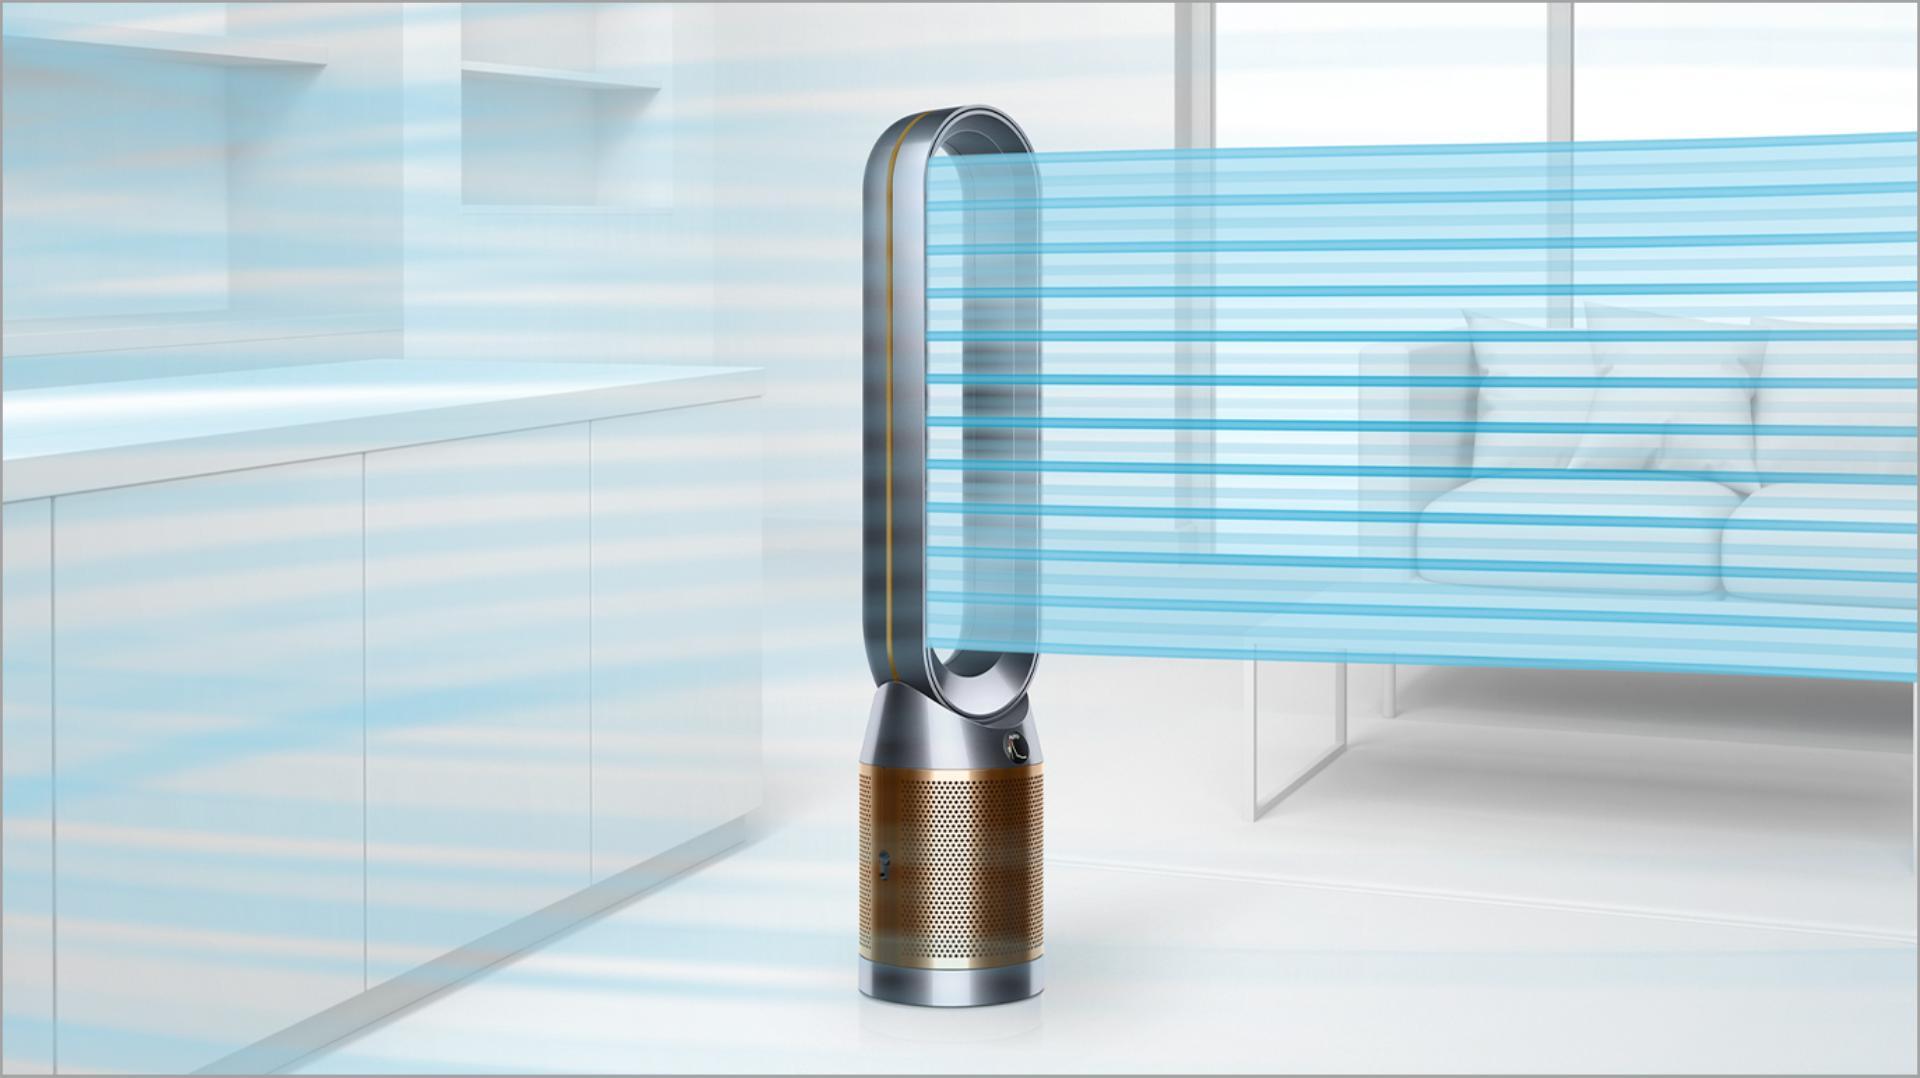 พัดลมฟอกอากาศแบบตั้งพื้น Dyson Pure Cool Cryptomic™ TP06